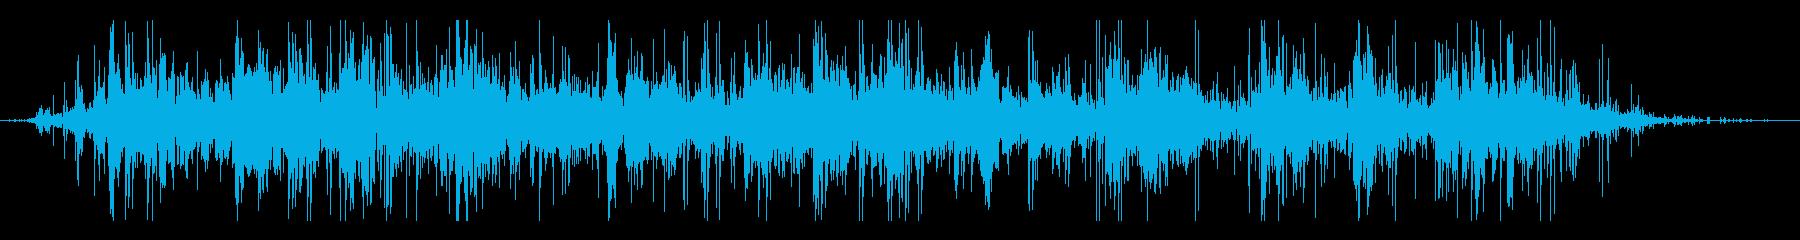 アイスゴーレム 中圧04の再生済みの波形